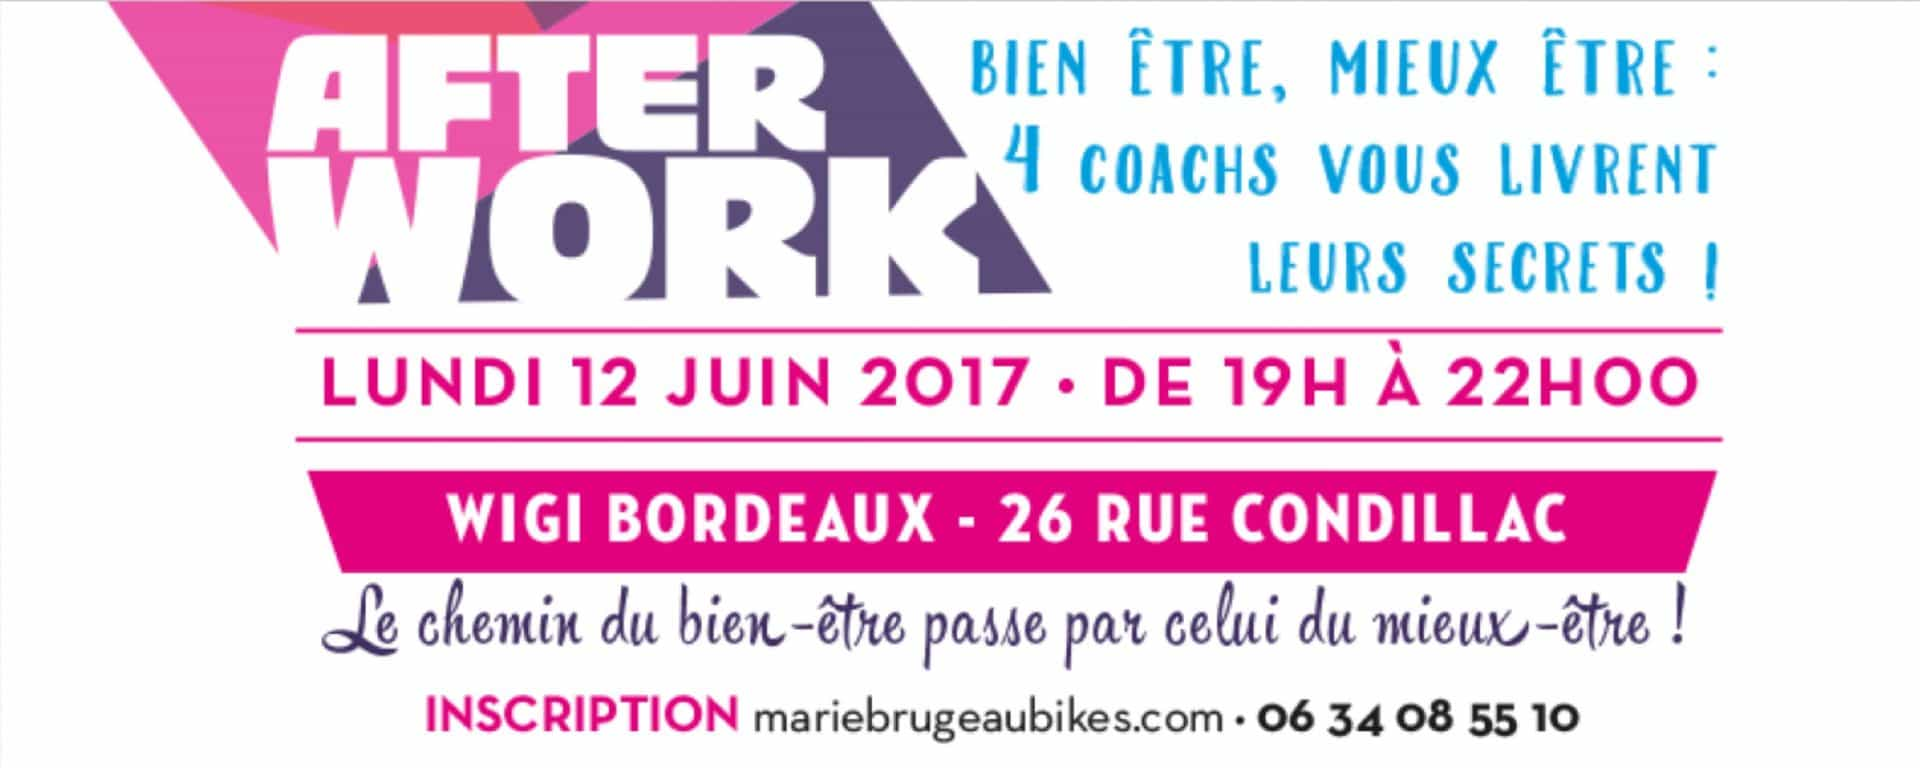 Refens et Osez l'Odyssee 12 juin 2017 Bordeaux